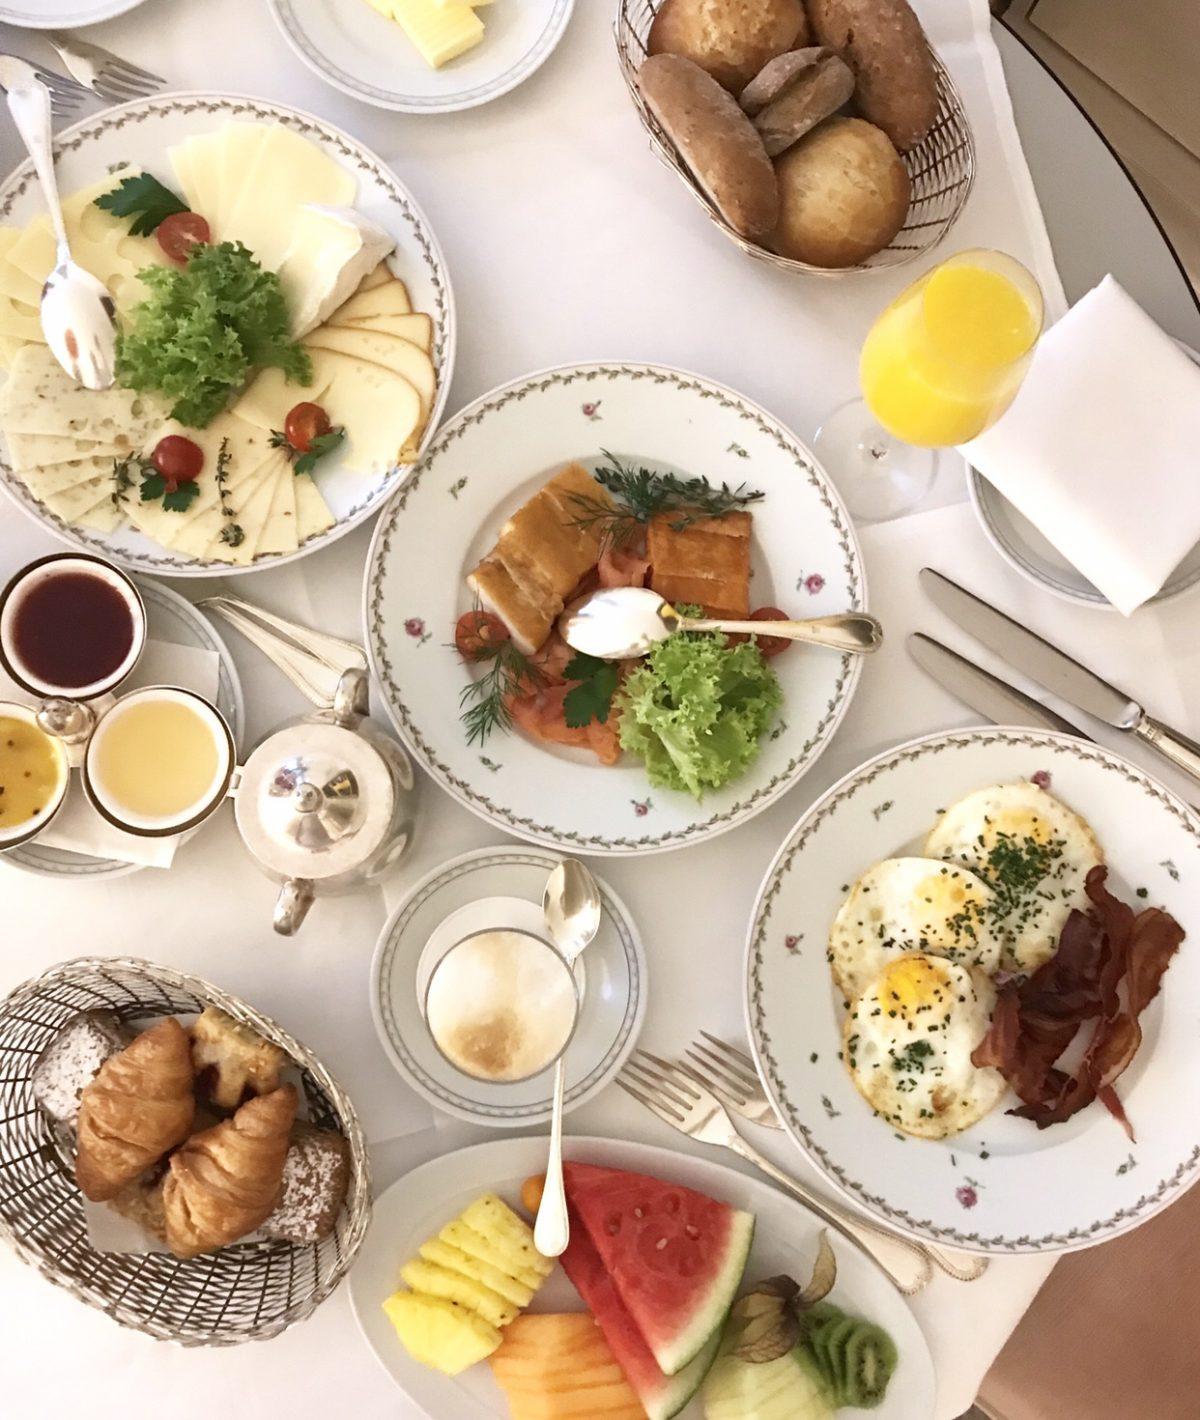 Wochenende in Bildern: Frühstück am Bett